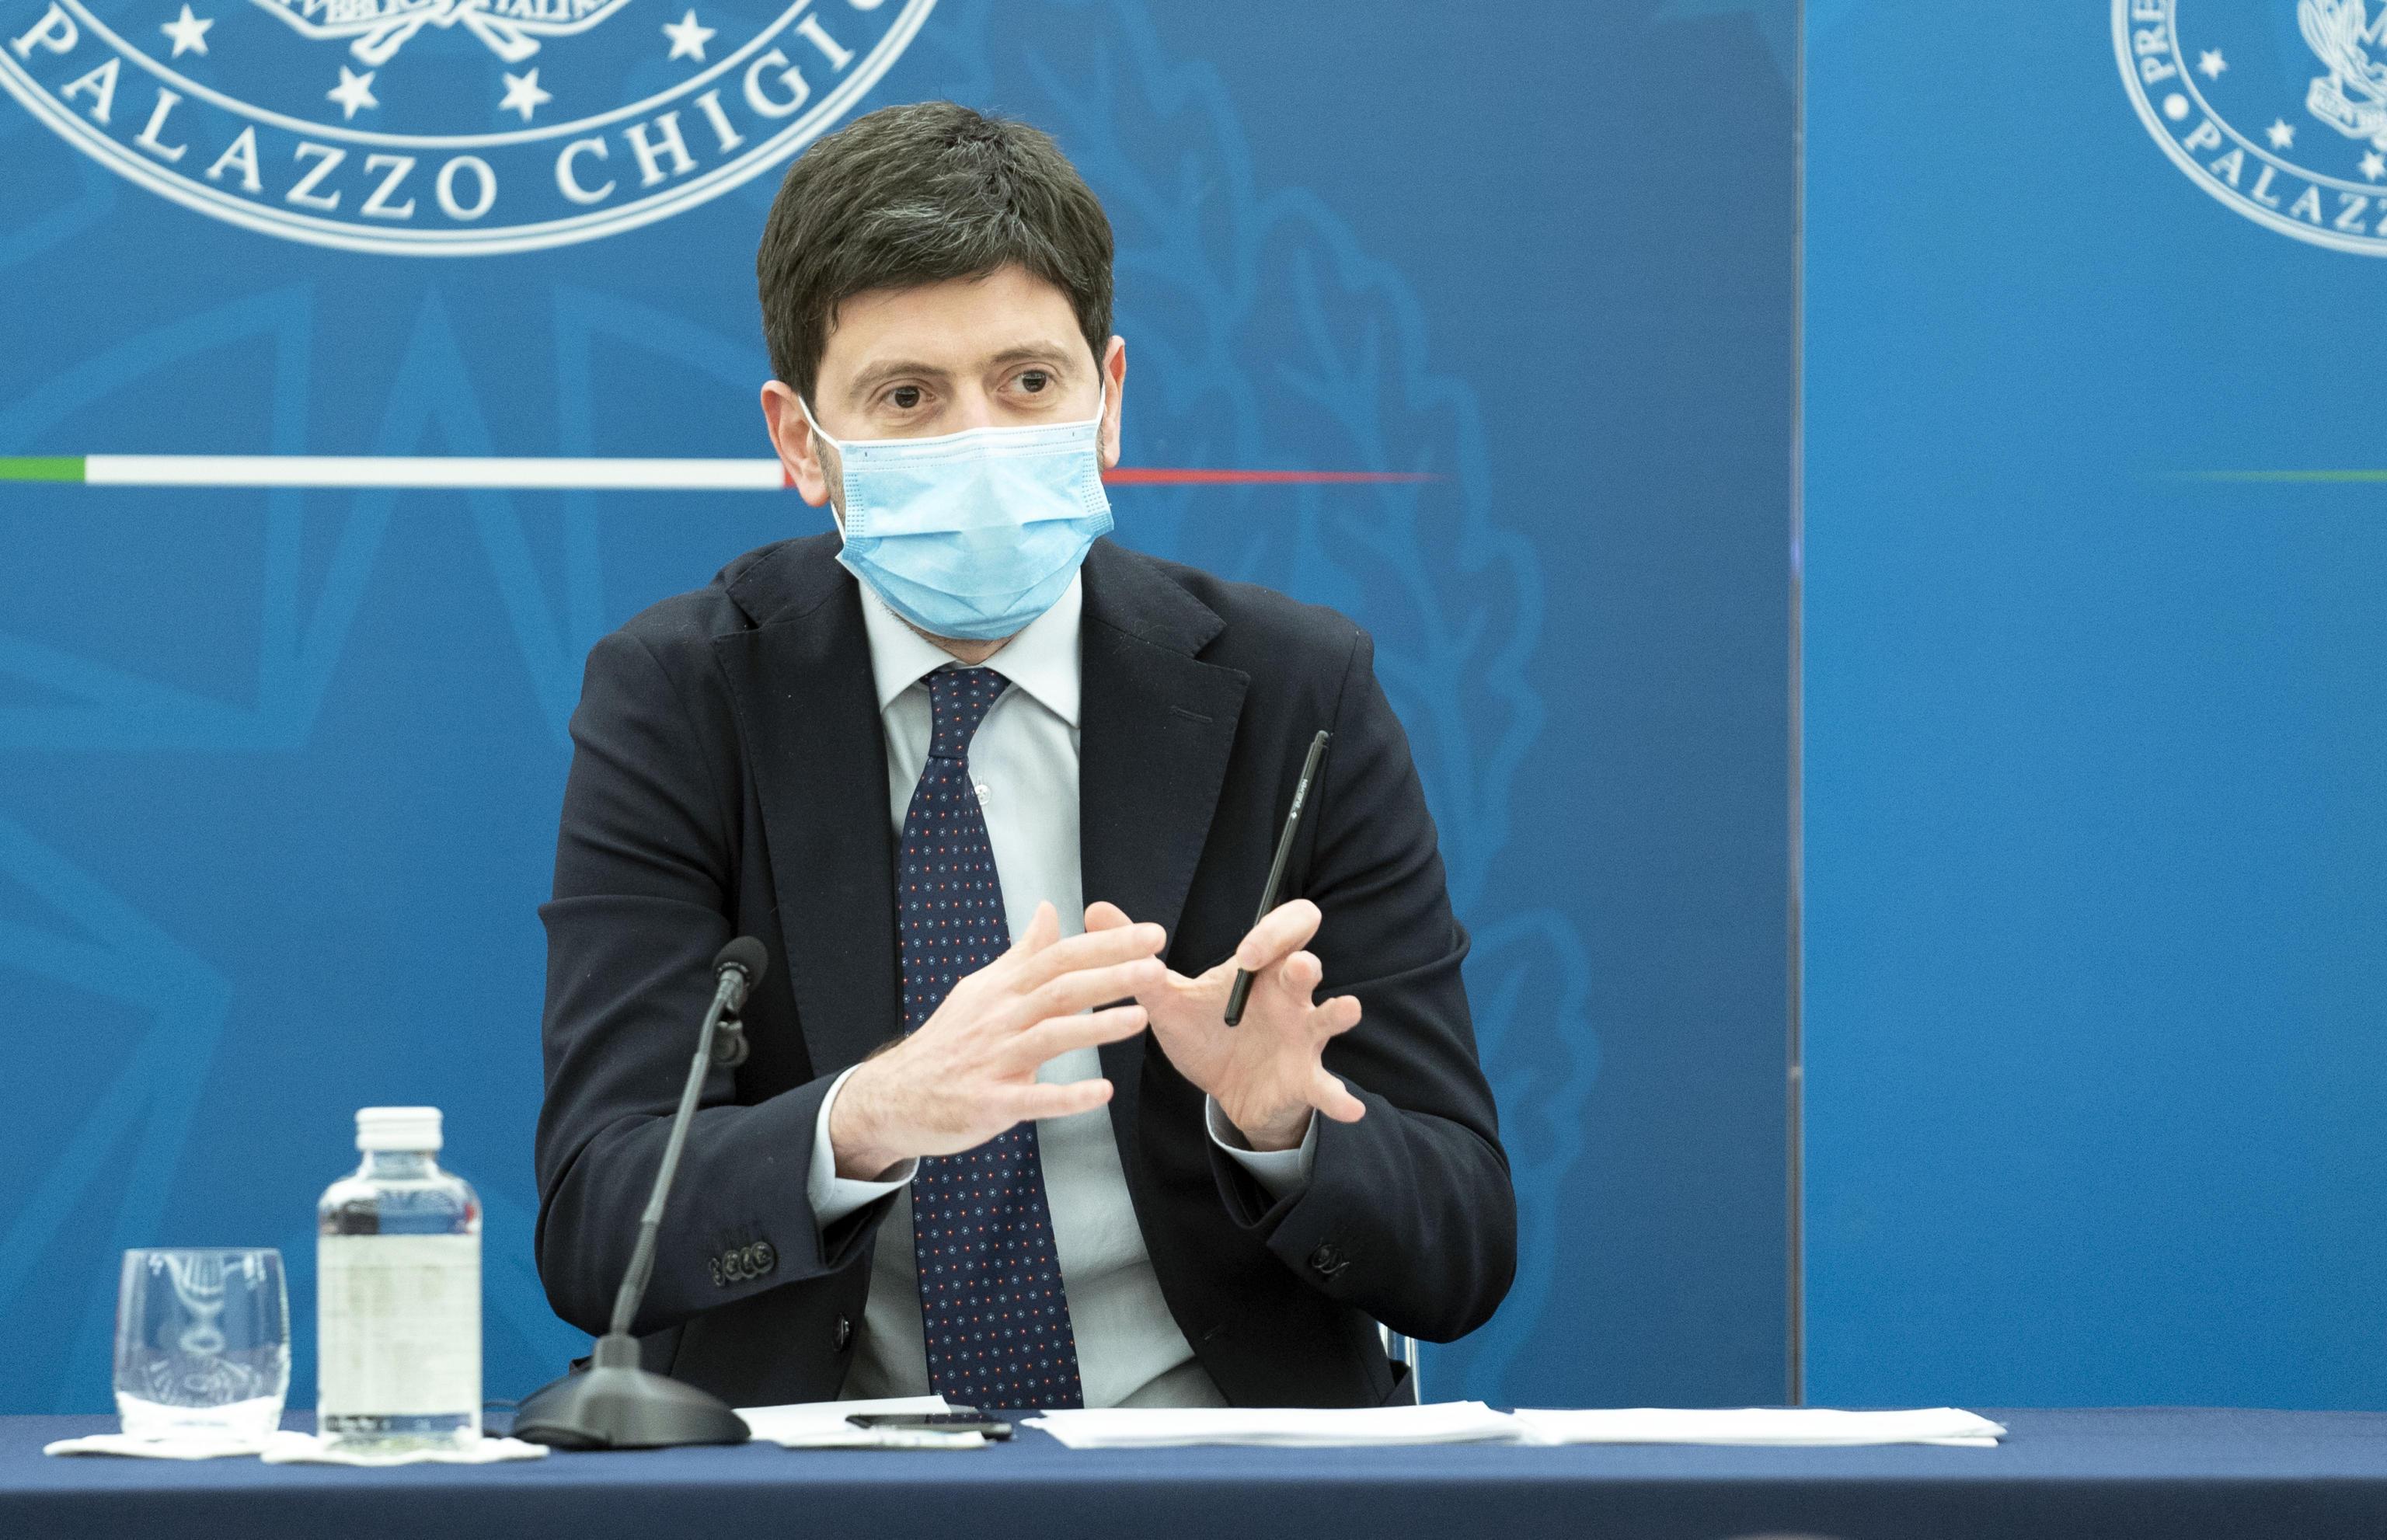 Speranza: «Cinque giorni di quarantena per chi viene dal Regno Unito». Cresce la paura per la variante Delta